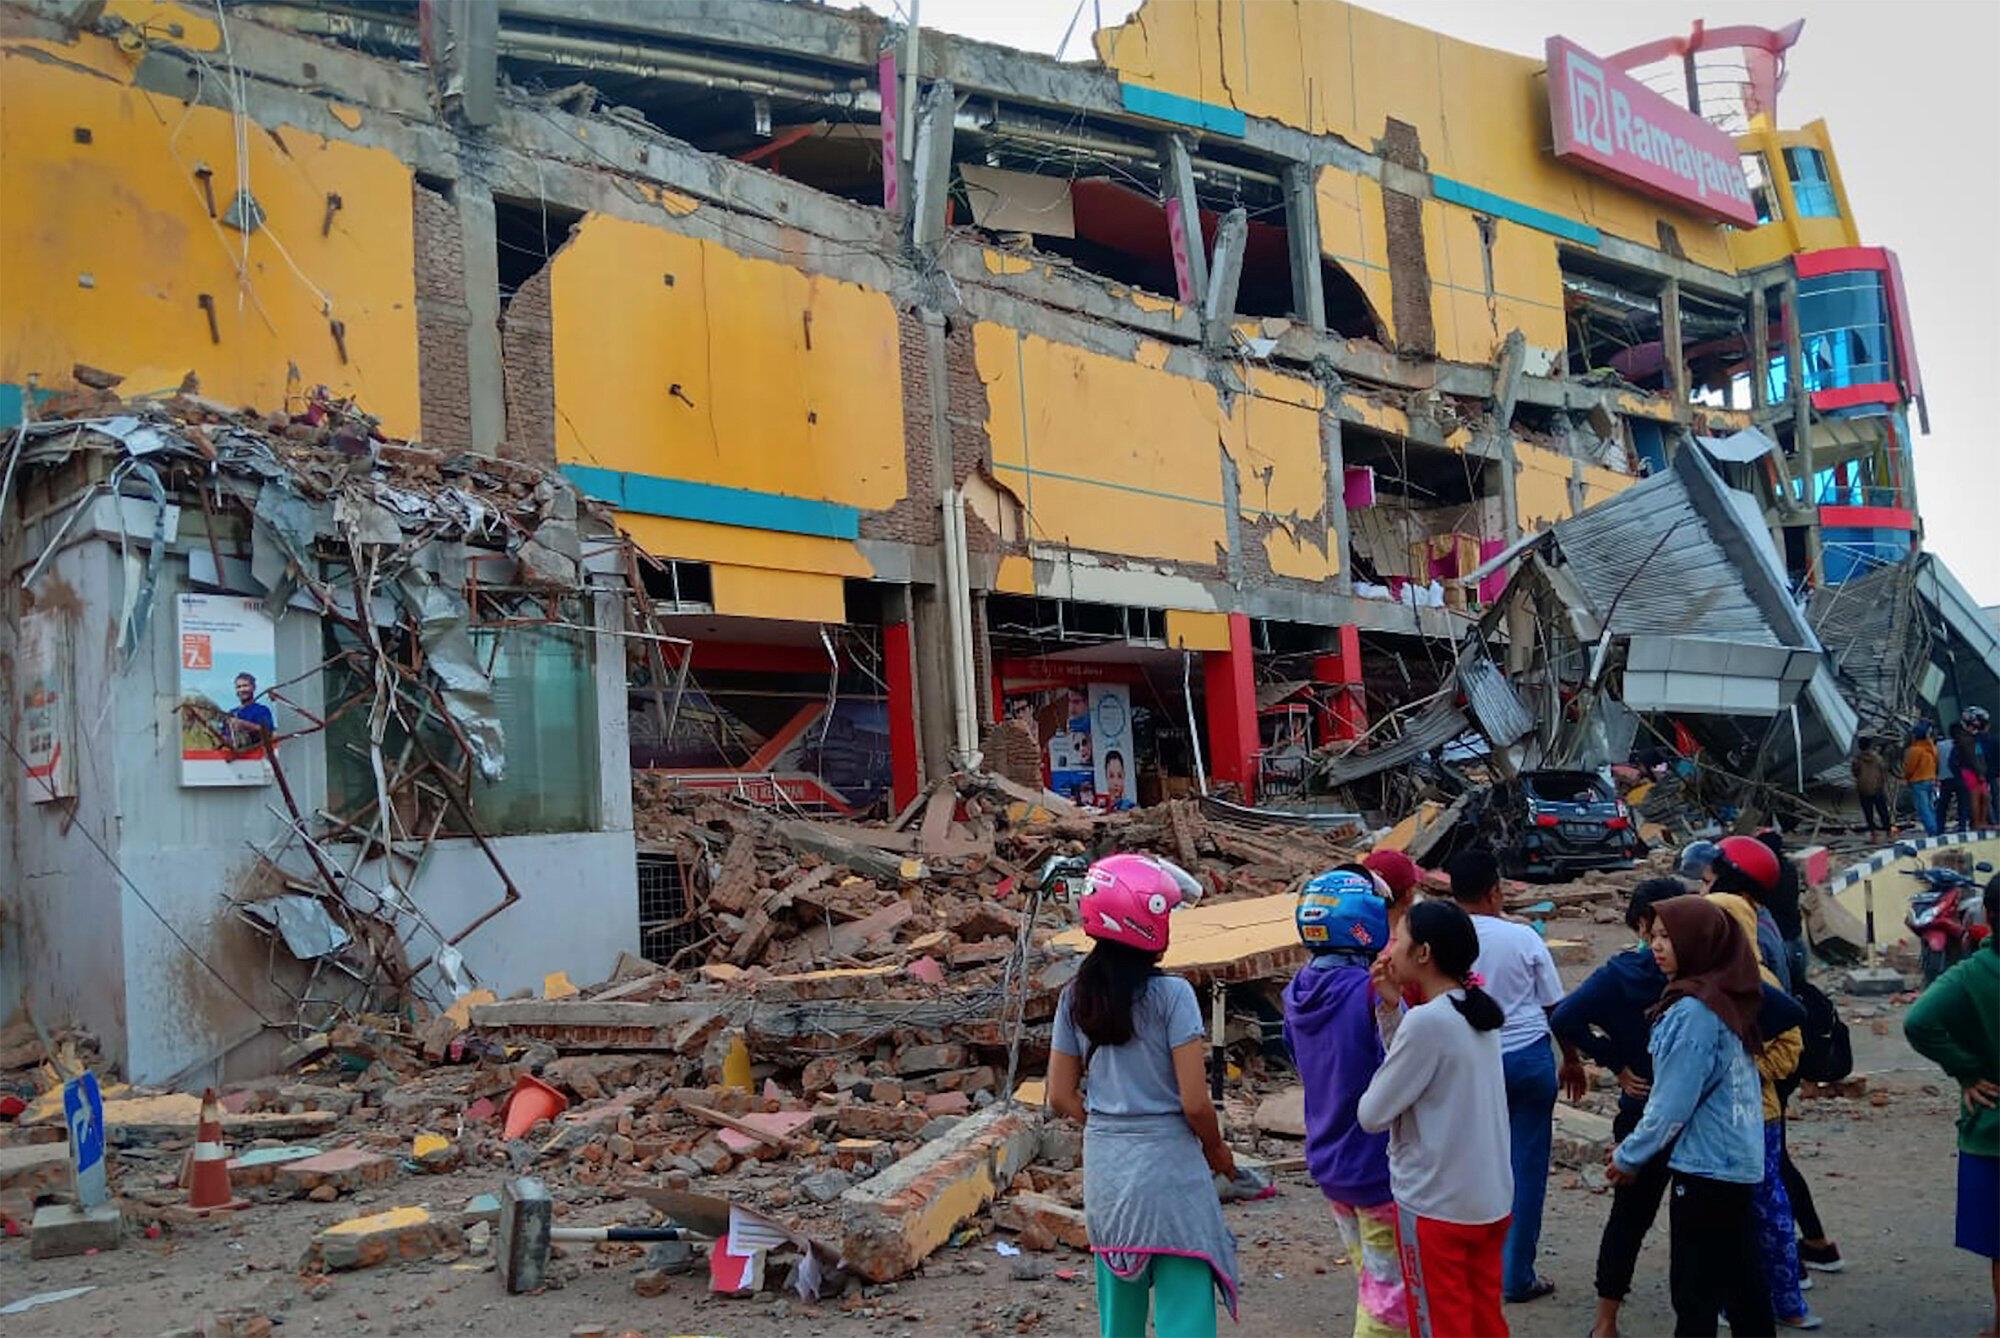 Habitantes de Palu observan los daños causados por el tsunami en un centro comercial, el 29 de septiembre, 2018.